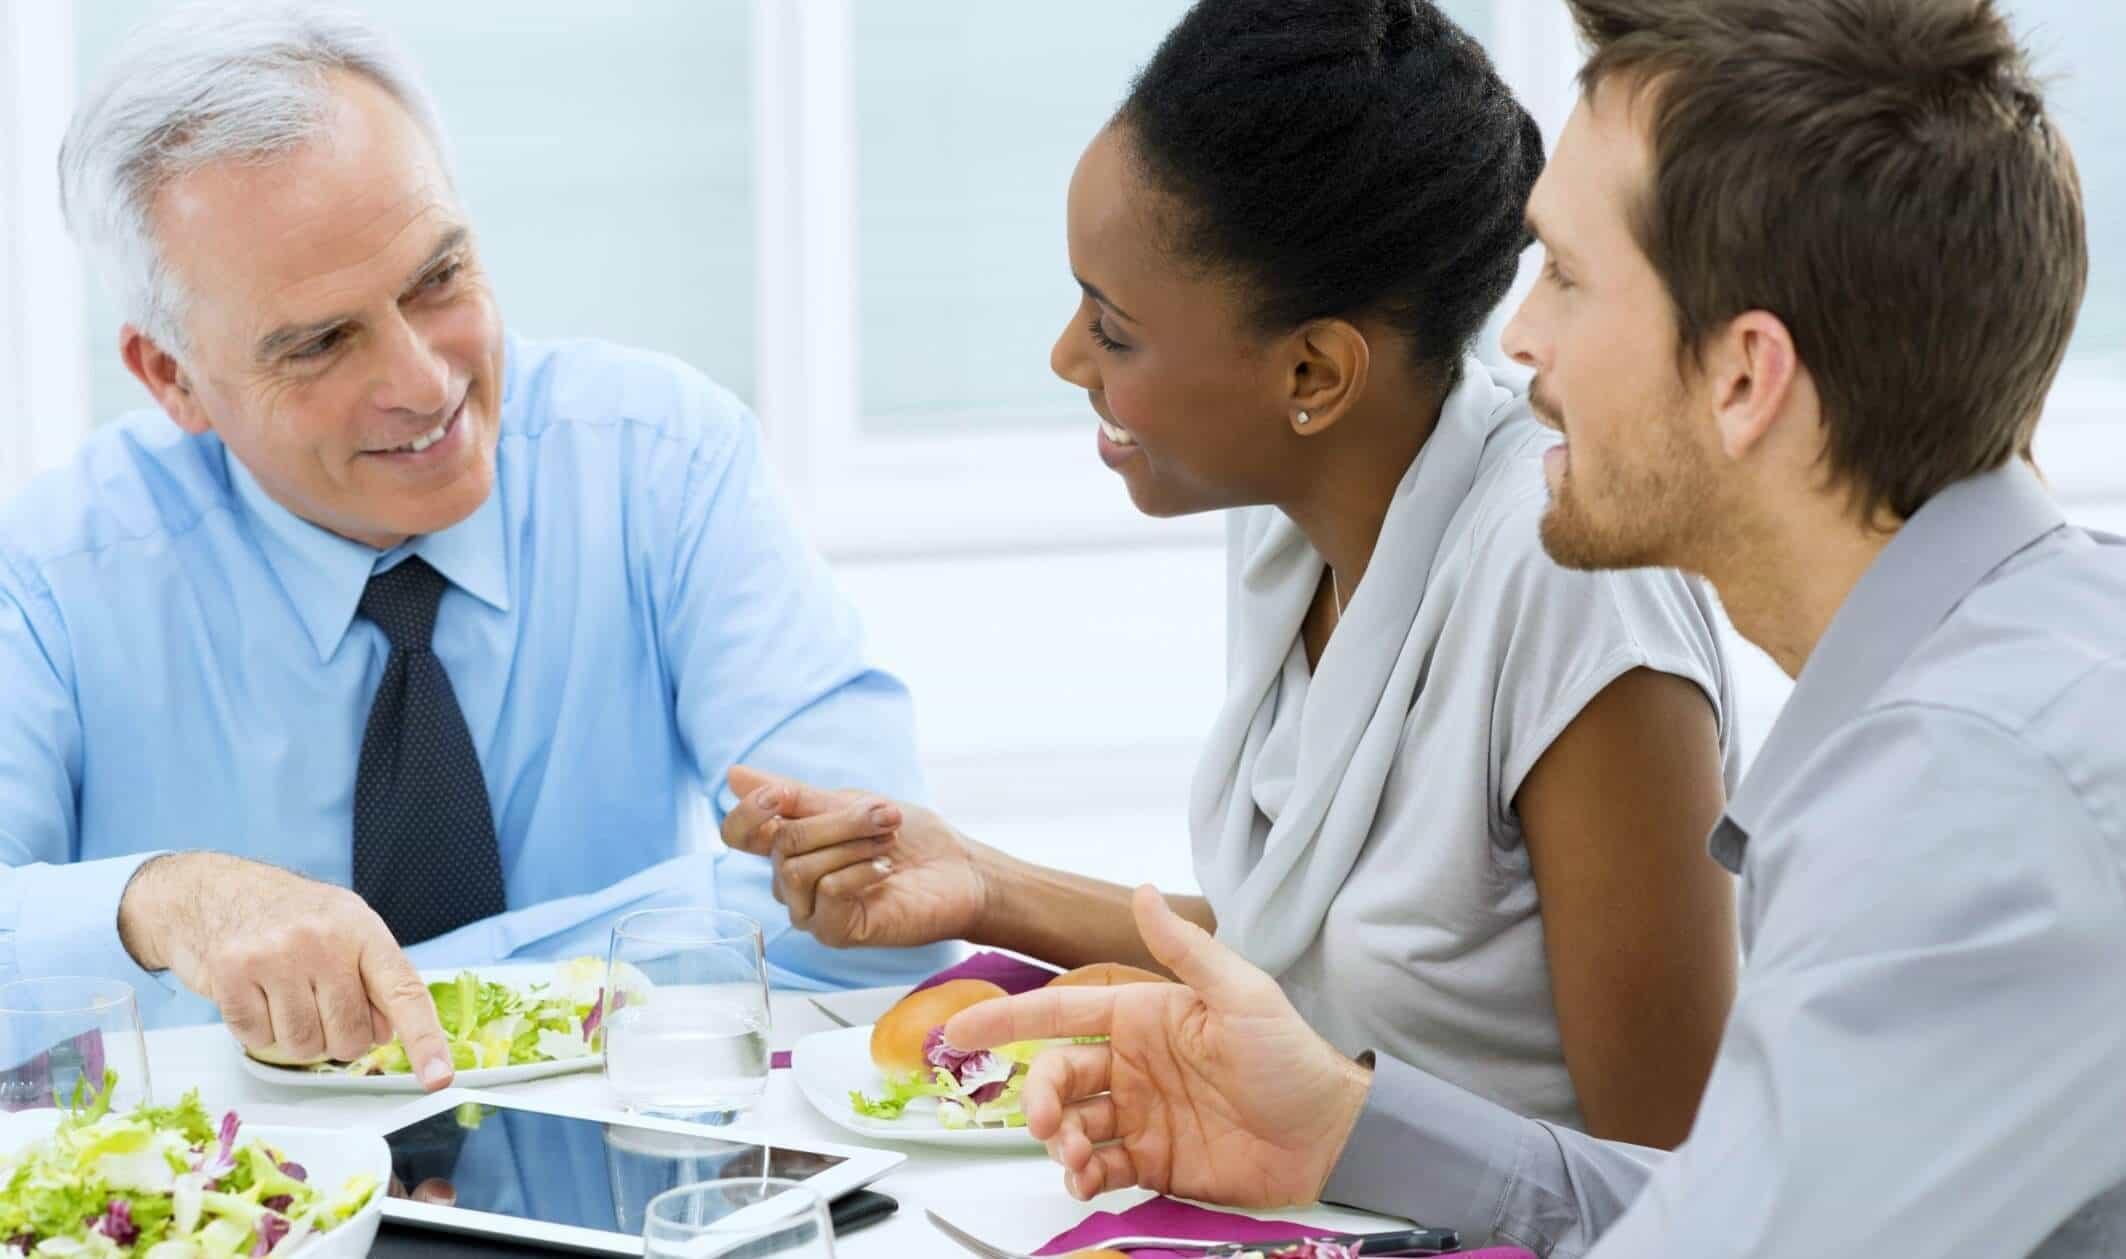 corporate-meeting-catering-dulles-va